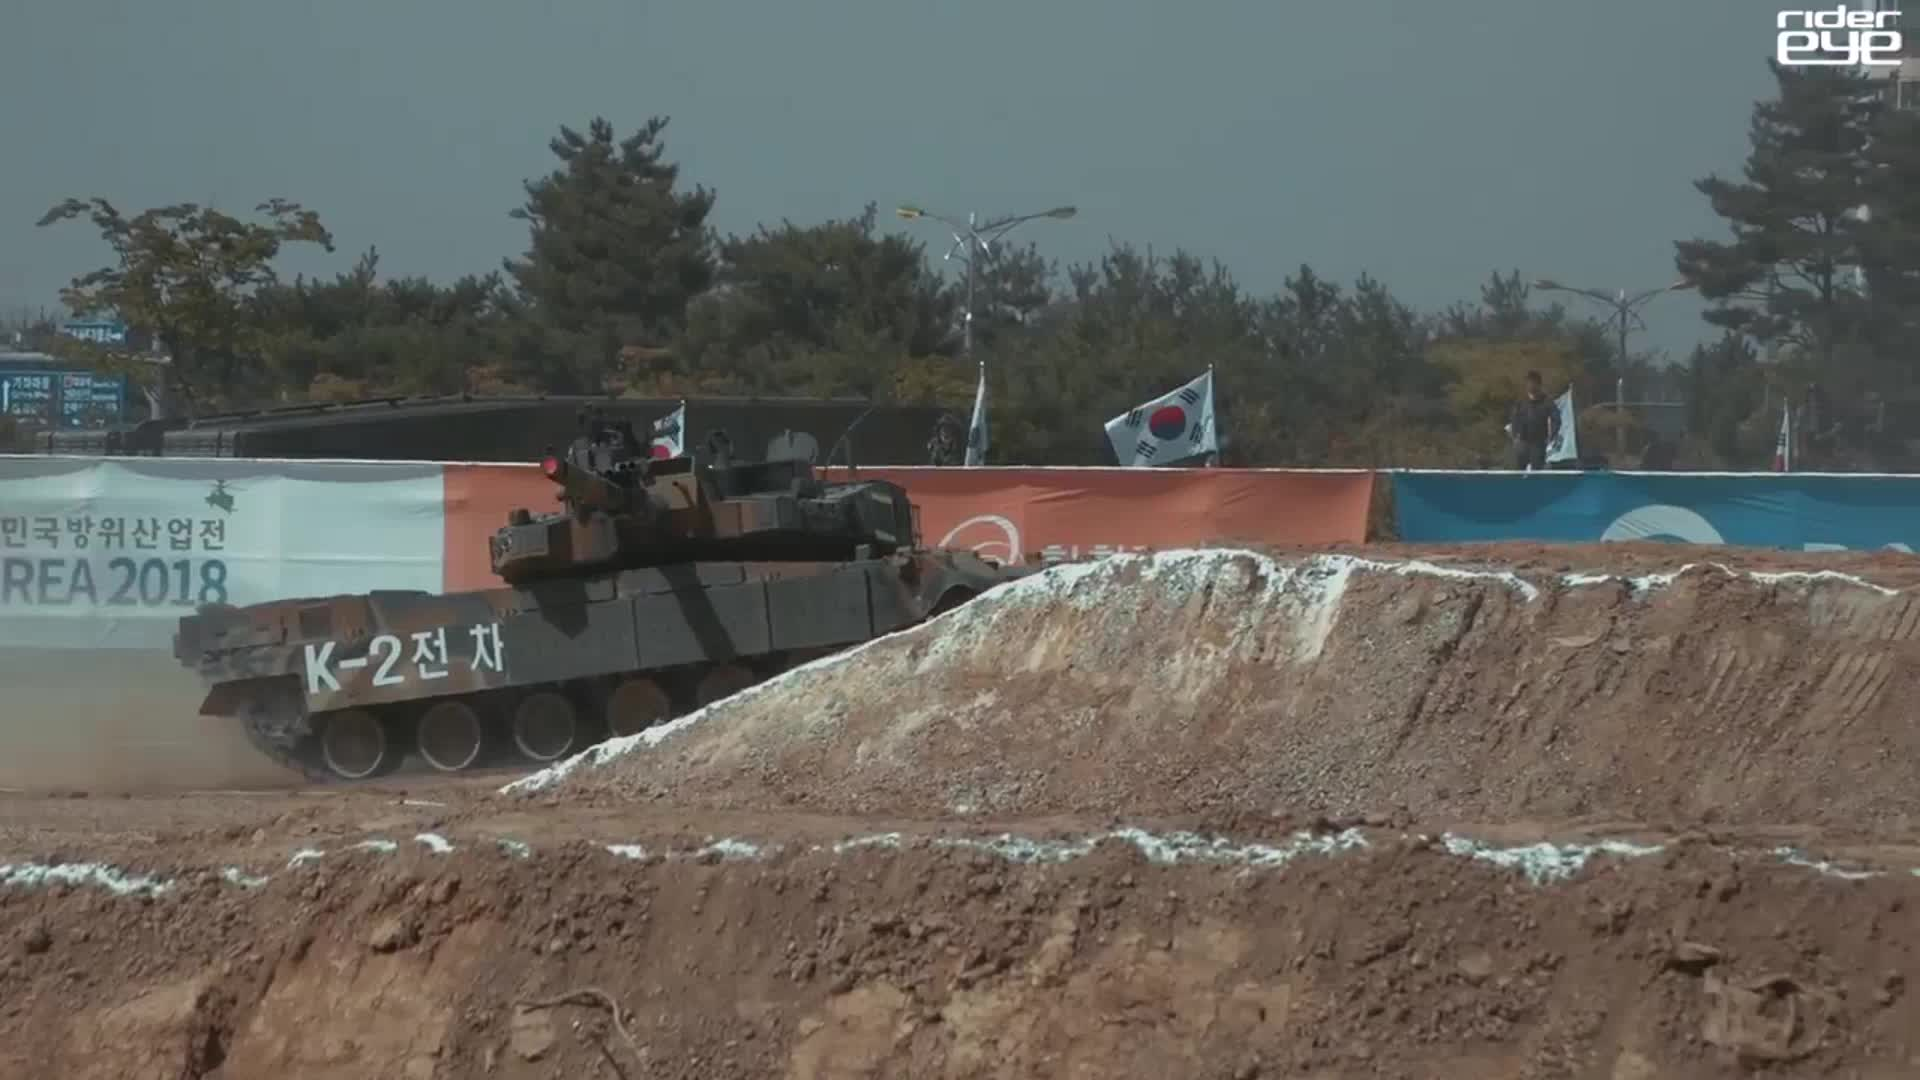 k2 black panther, korea, military, militarygfys, south korea, K2 Black Panther showing off GIFs